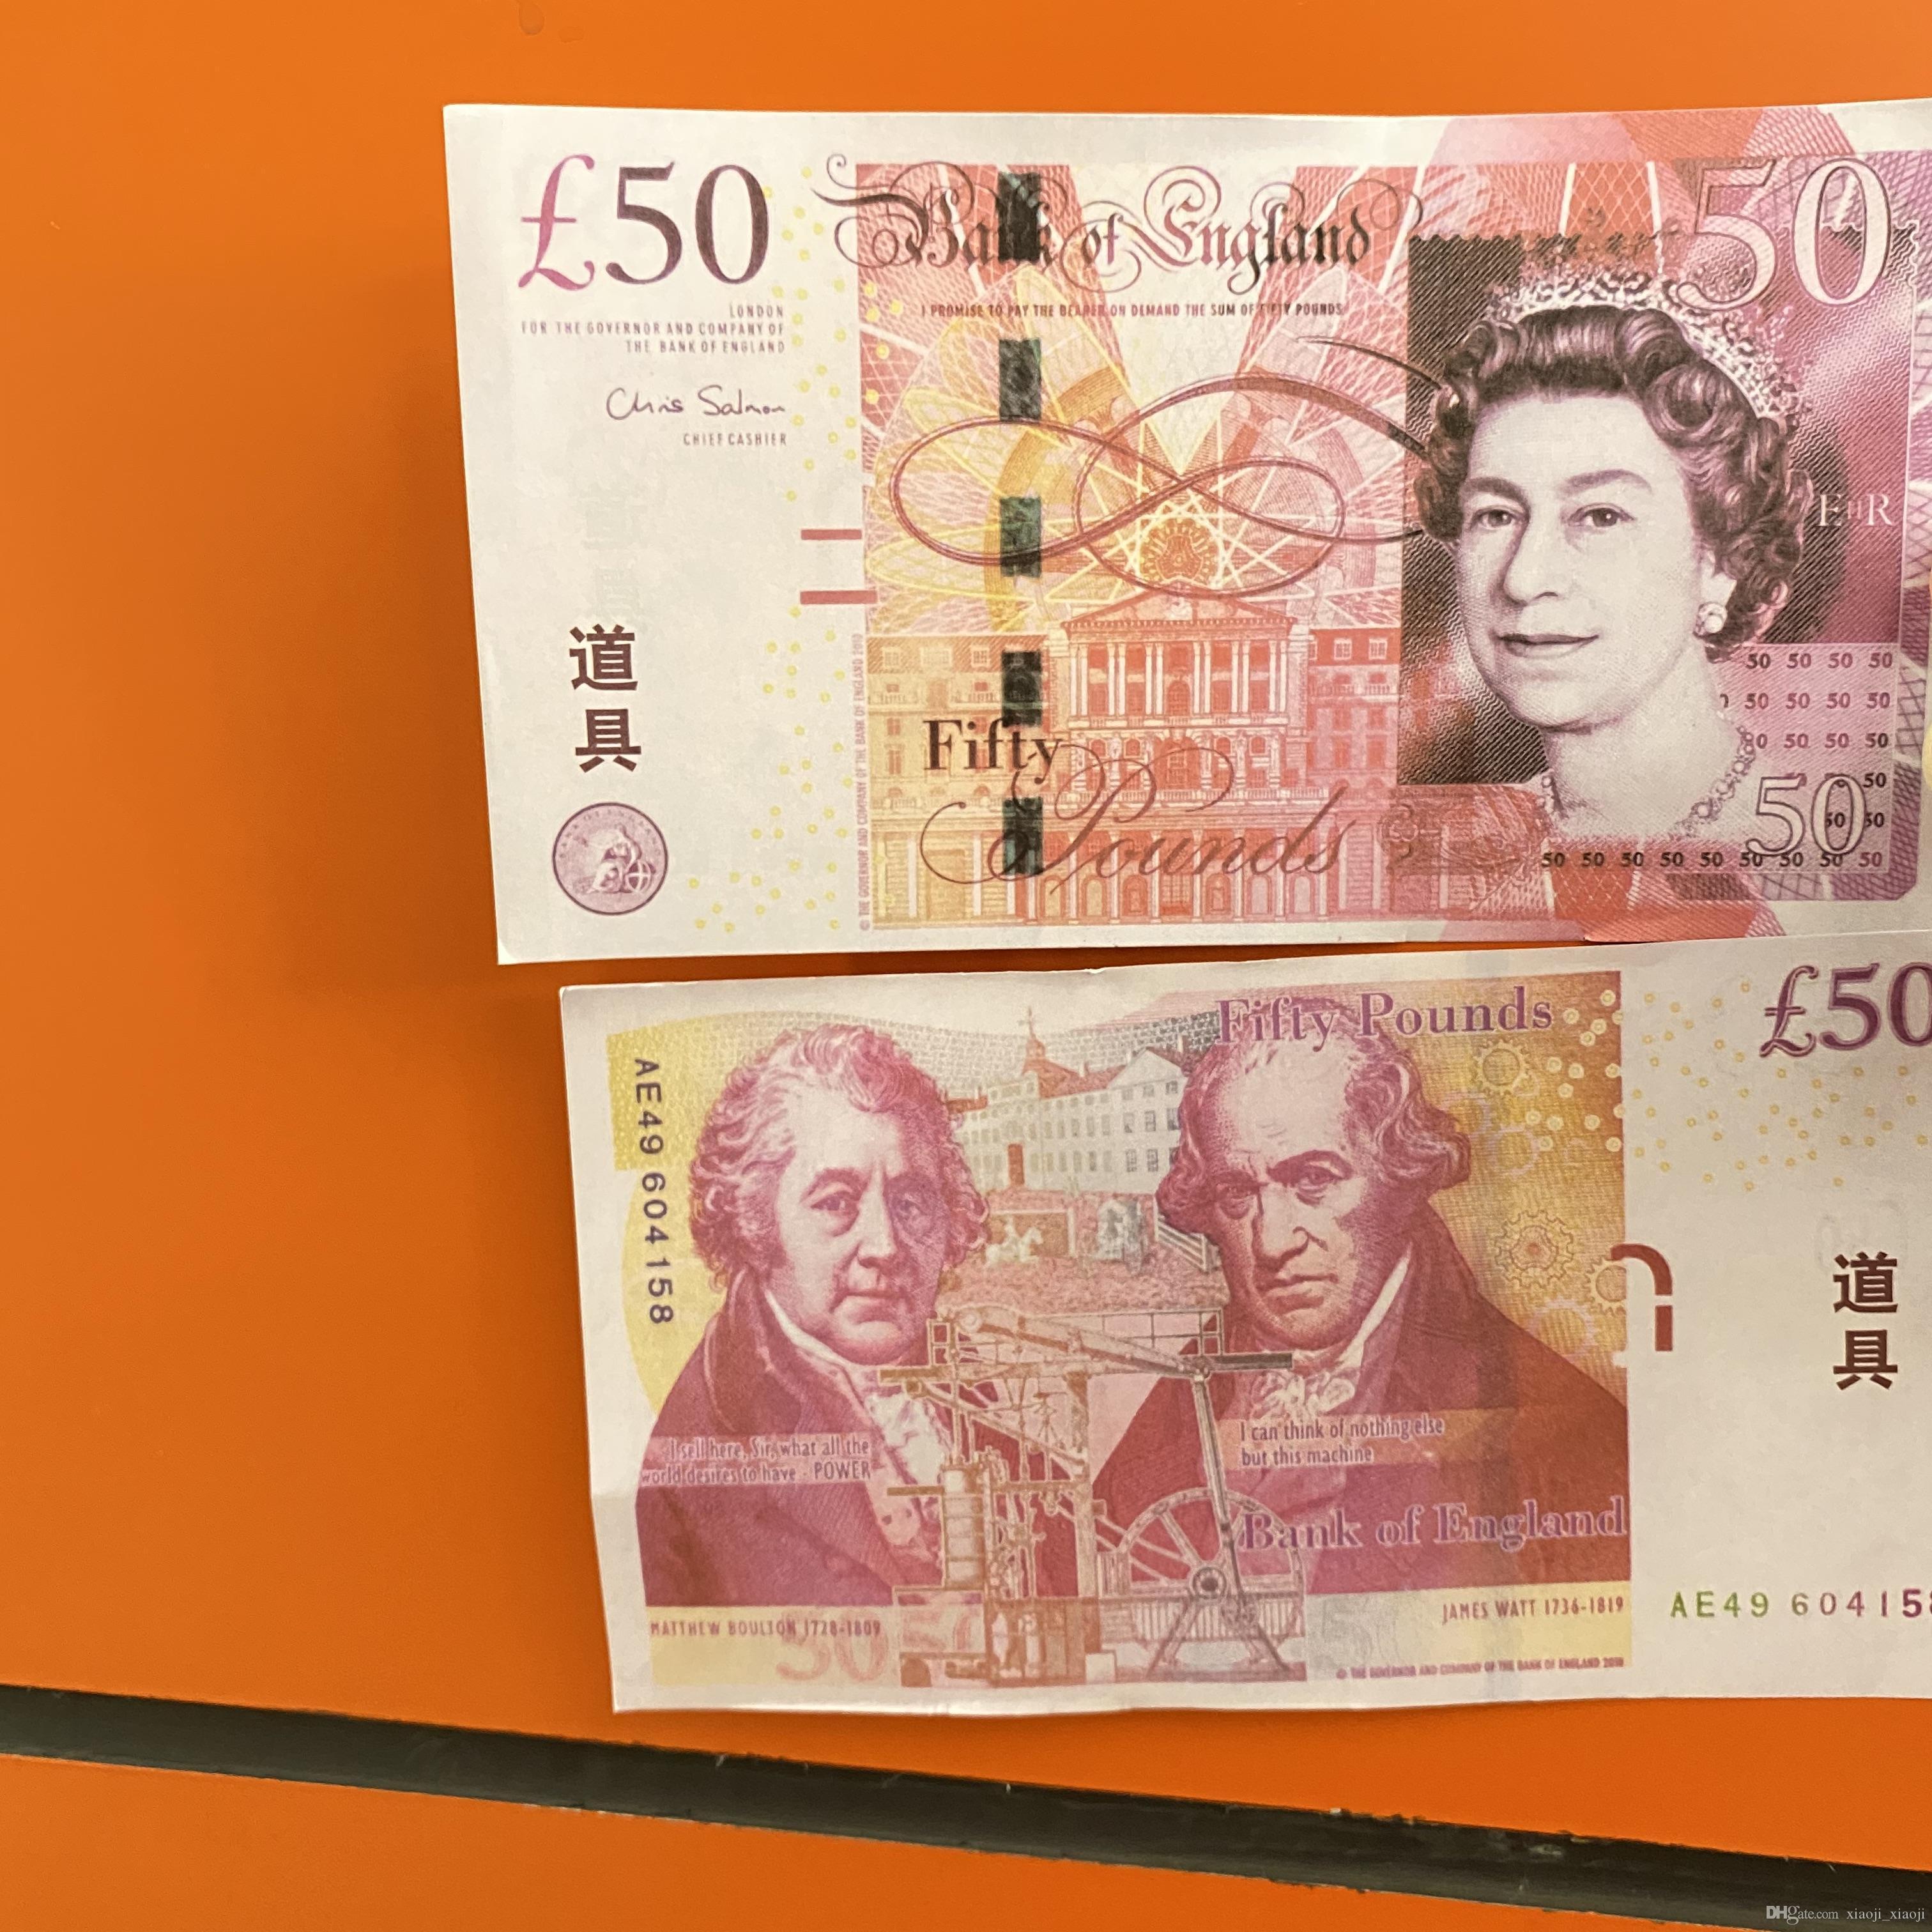 100pcs / paket Realistische Banknote / Euro / Dollar-Familien-Requisite-Spiel US-Spielzeug217 Kopie oder Geld Kinder Papier Kifef